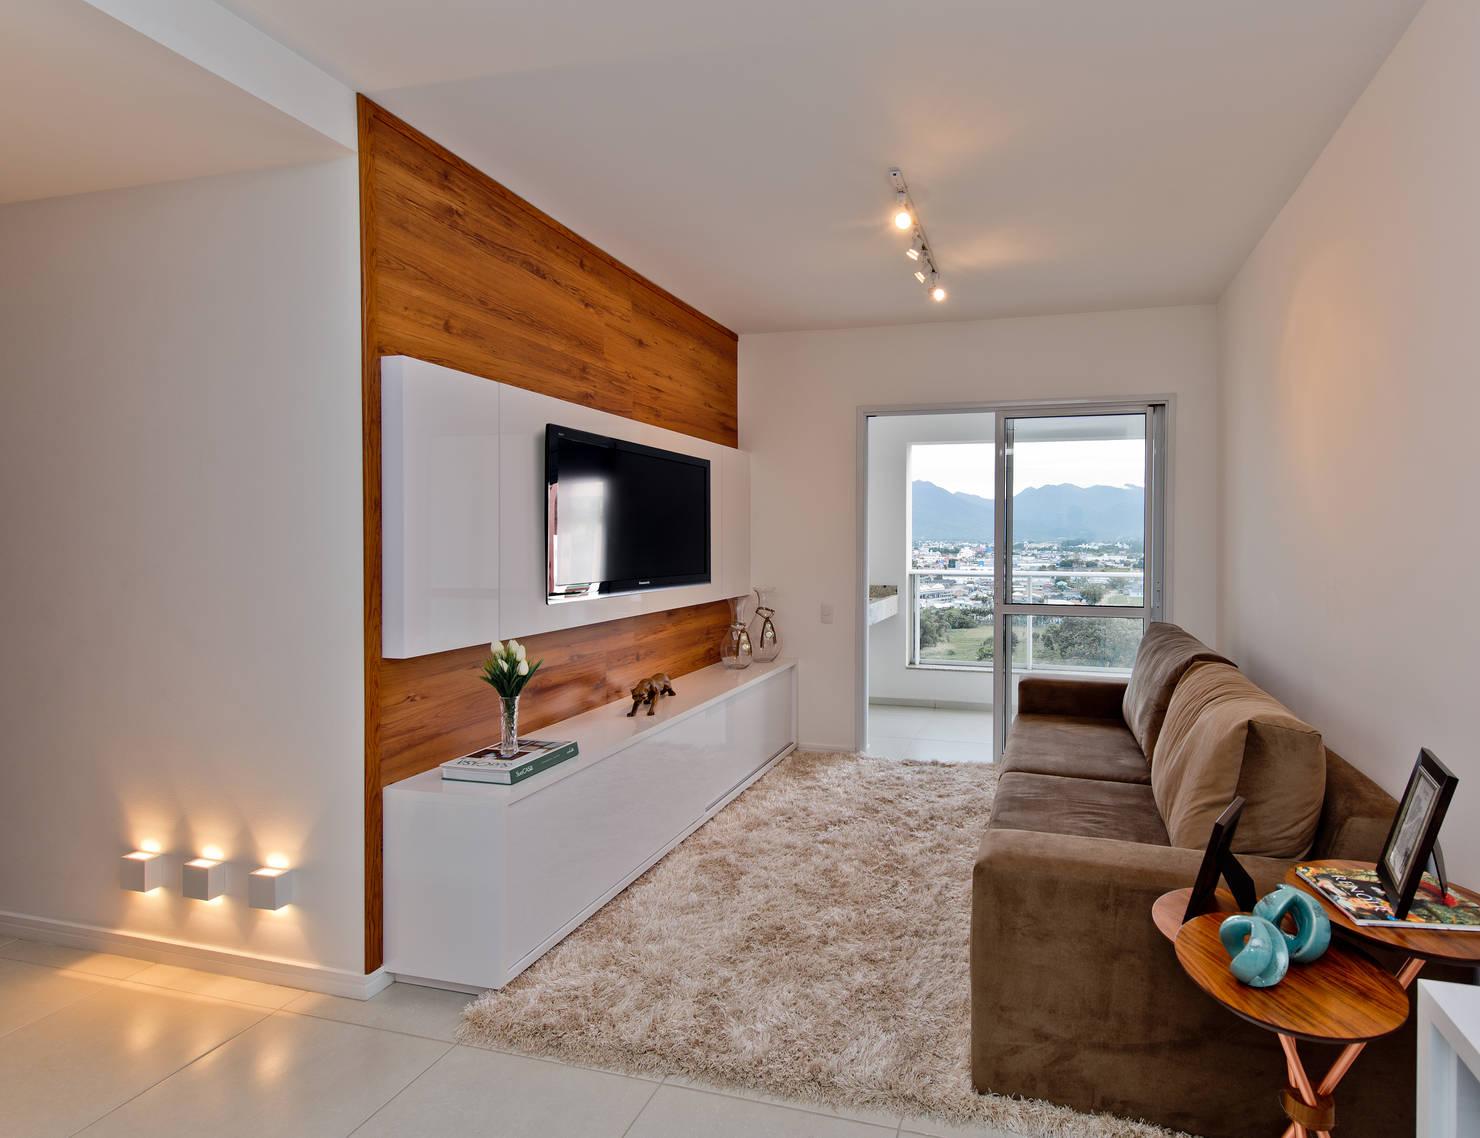 12 Soluções Simples Para Colocar A TV Em Uma Pequena Sala de Estar